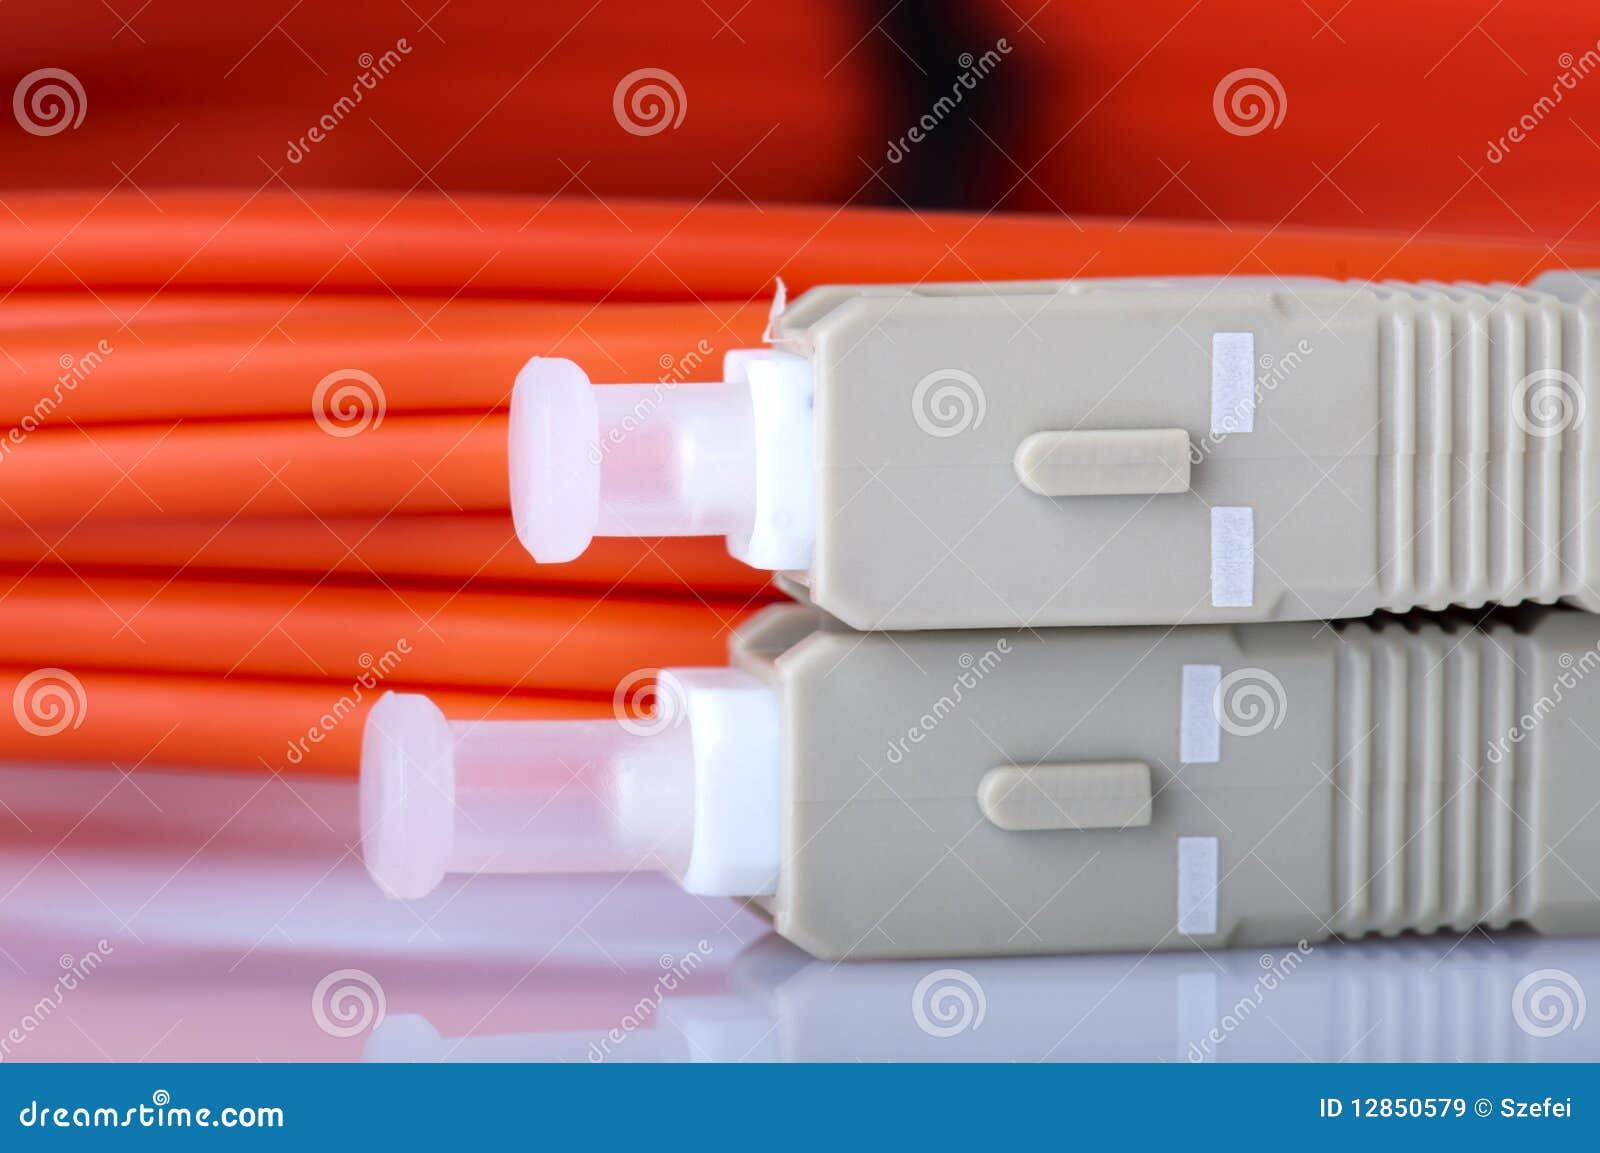 Włókno światłowodowe kable